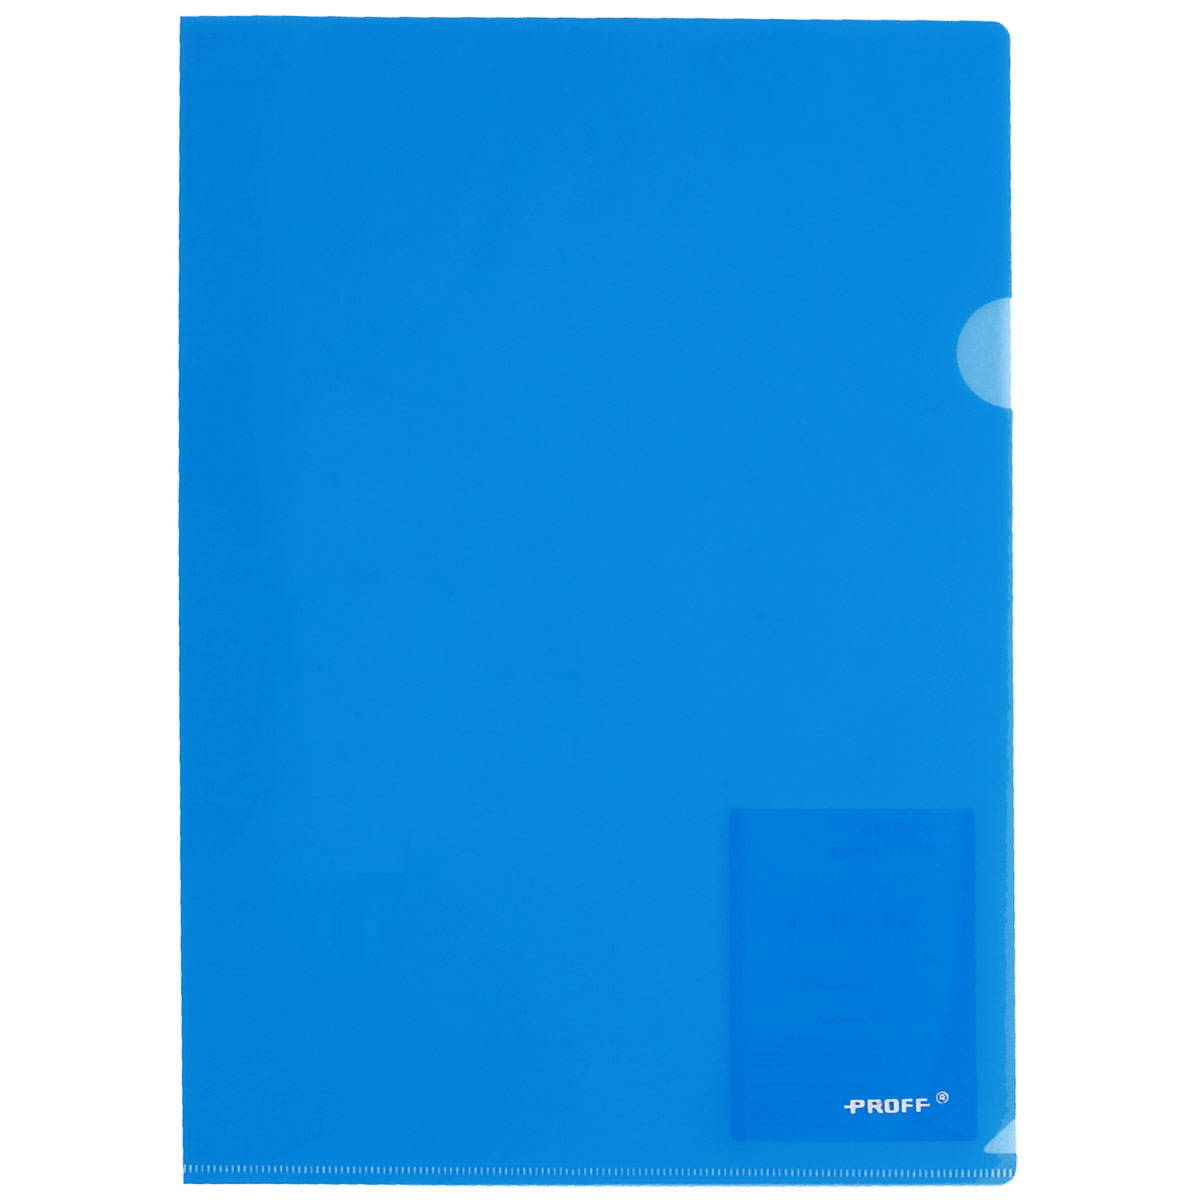 Proff Папка-уголок Alpha цвет синийAC-1121RDПапка-уголок Proff Alpha, изготовленная из высококачественного полипропилена - это удобный и практичный офисный инструмент, предназначенный для хранения и транспортировки рабочих бумаг и документов формата А4. Полупрозрачная глянцевая папка имеет опрятный и неброский вид. Папка-уголок - это незаменимый атрибут для студента, школьника, офисного работника. Такая папка надежно сохранит ваши документы и сбережет их от повреждений, пыли и влаги.